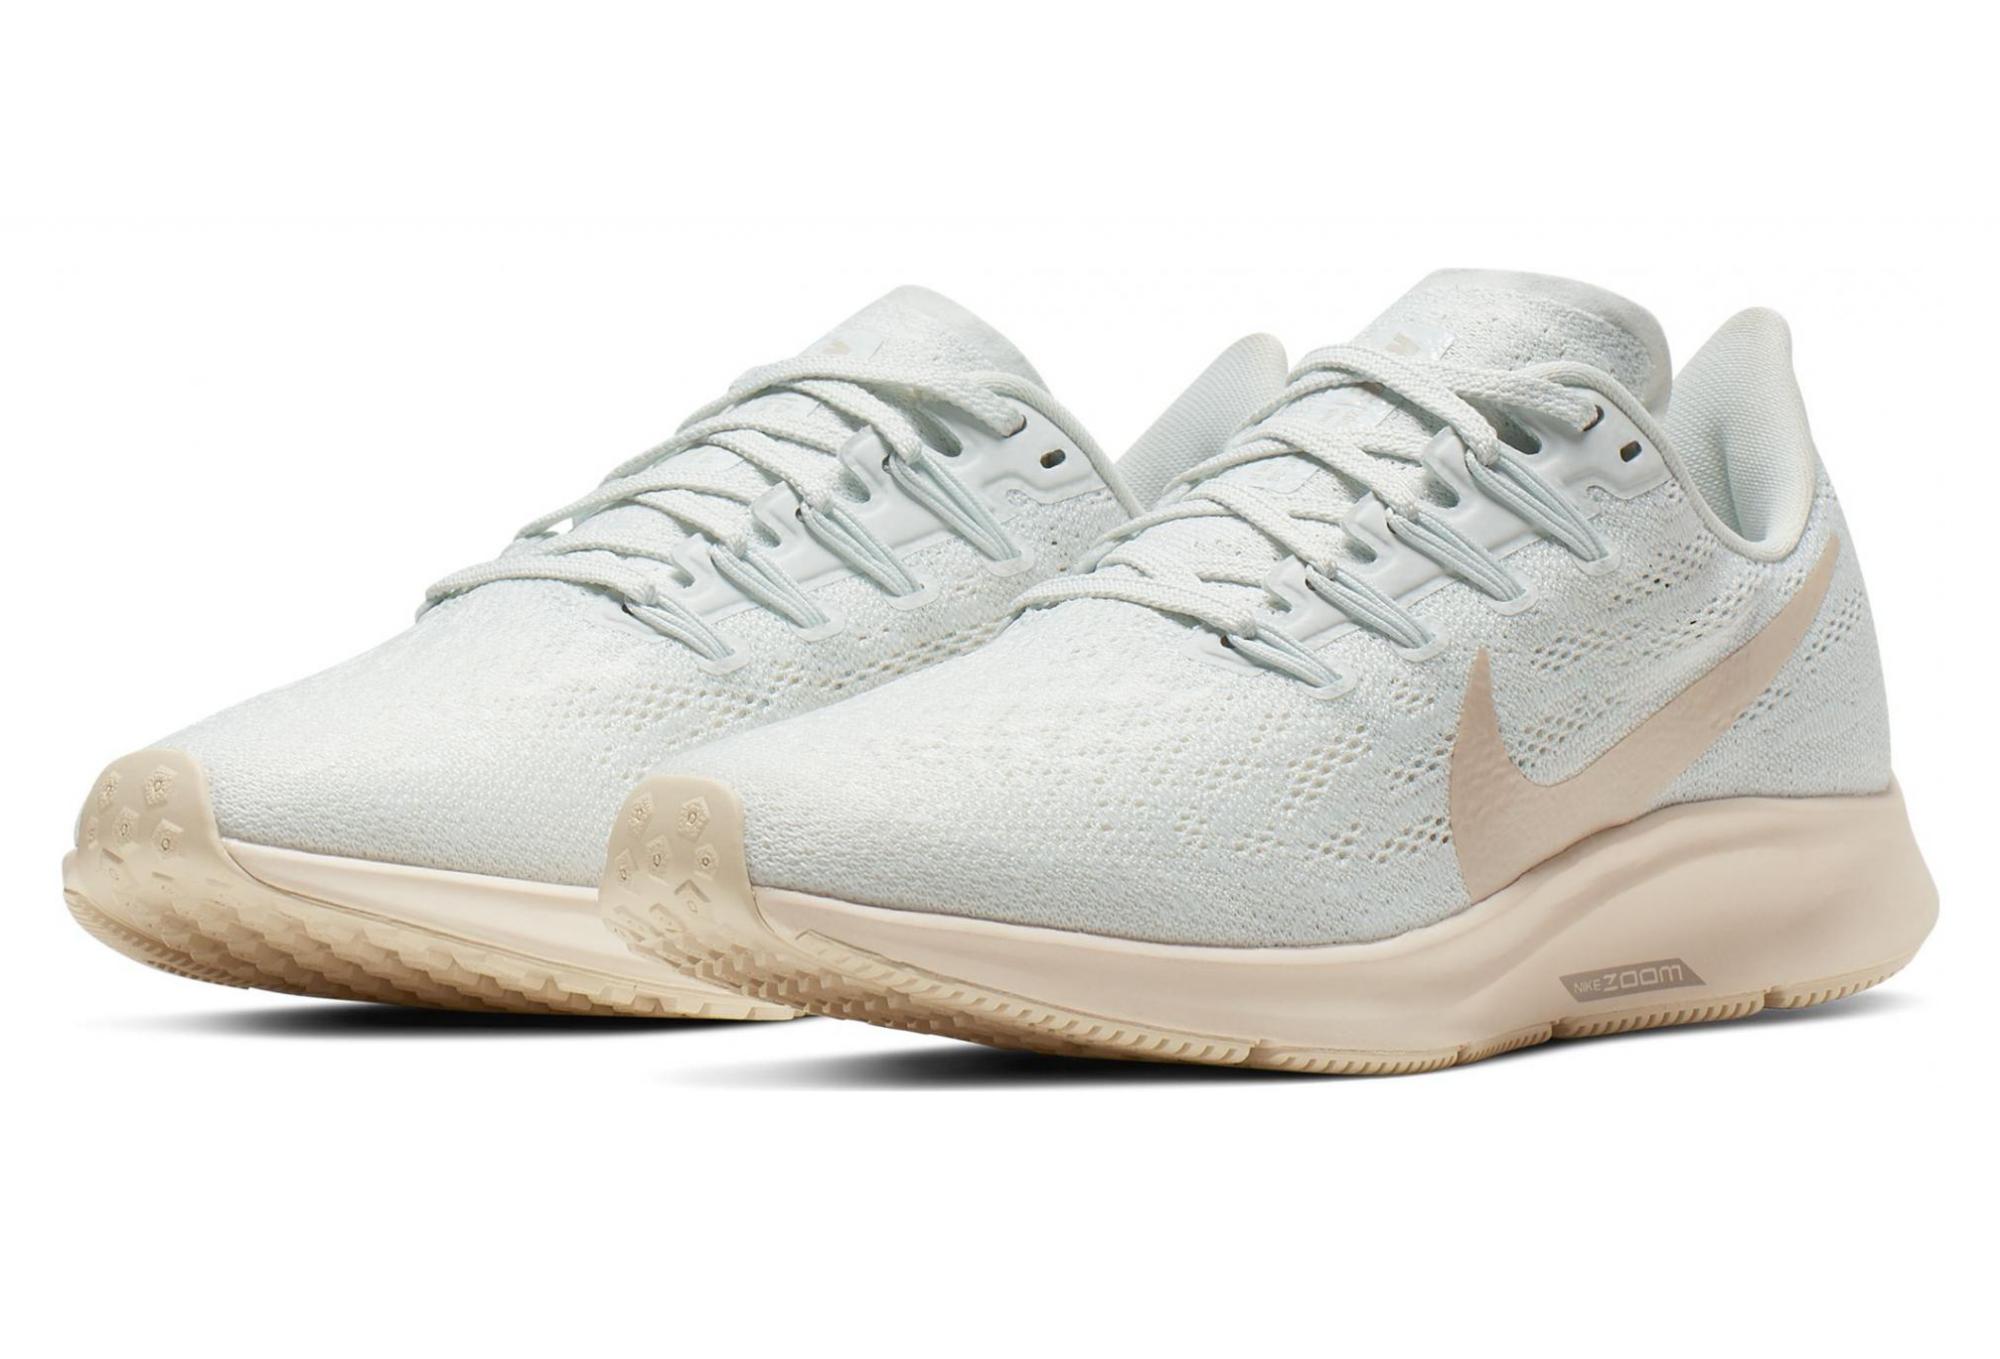 meilleure sélection 9d9f0 f9b09 Nike Air Zoom Pegasus 36 Bleu Femme